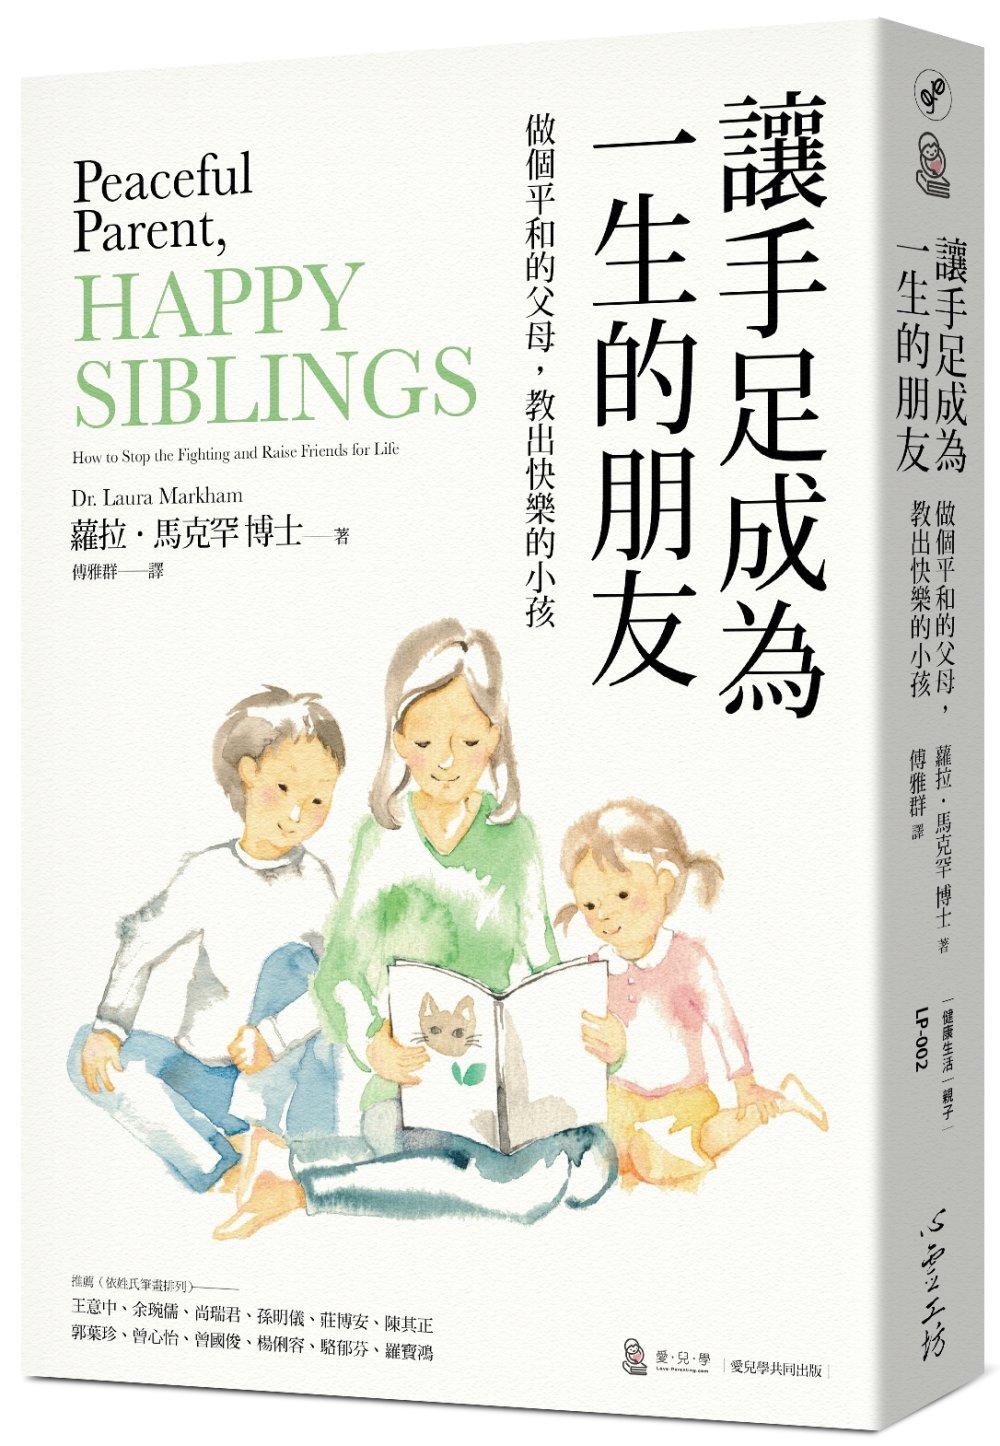 讓手足成為一生的朋友:做個平和的父母,教出快樂的小孩〔與孩子的情緒對焦二部曲〕